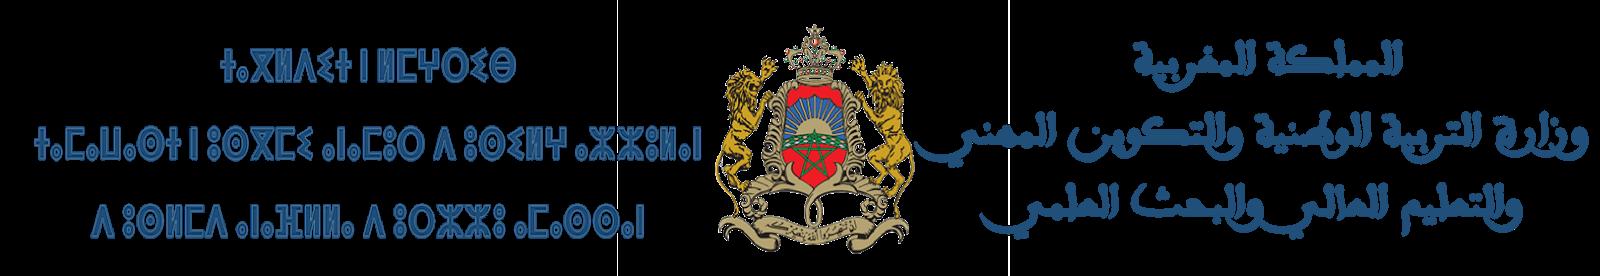 شعار وزارة التربية الوطنية والتكوين المهني والتعليم العالي والبحث العلمي png